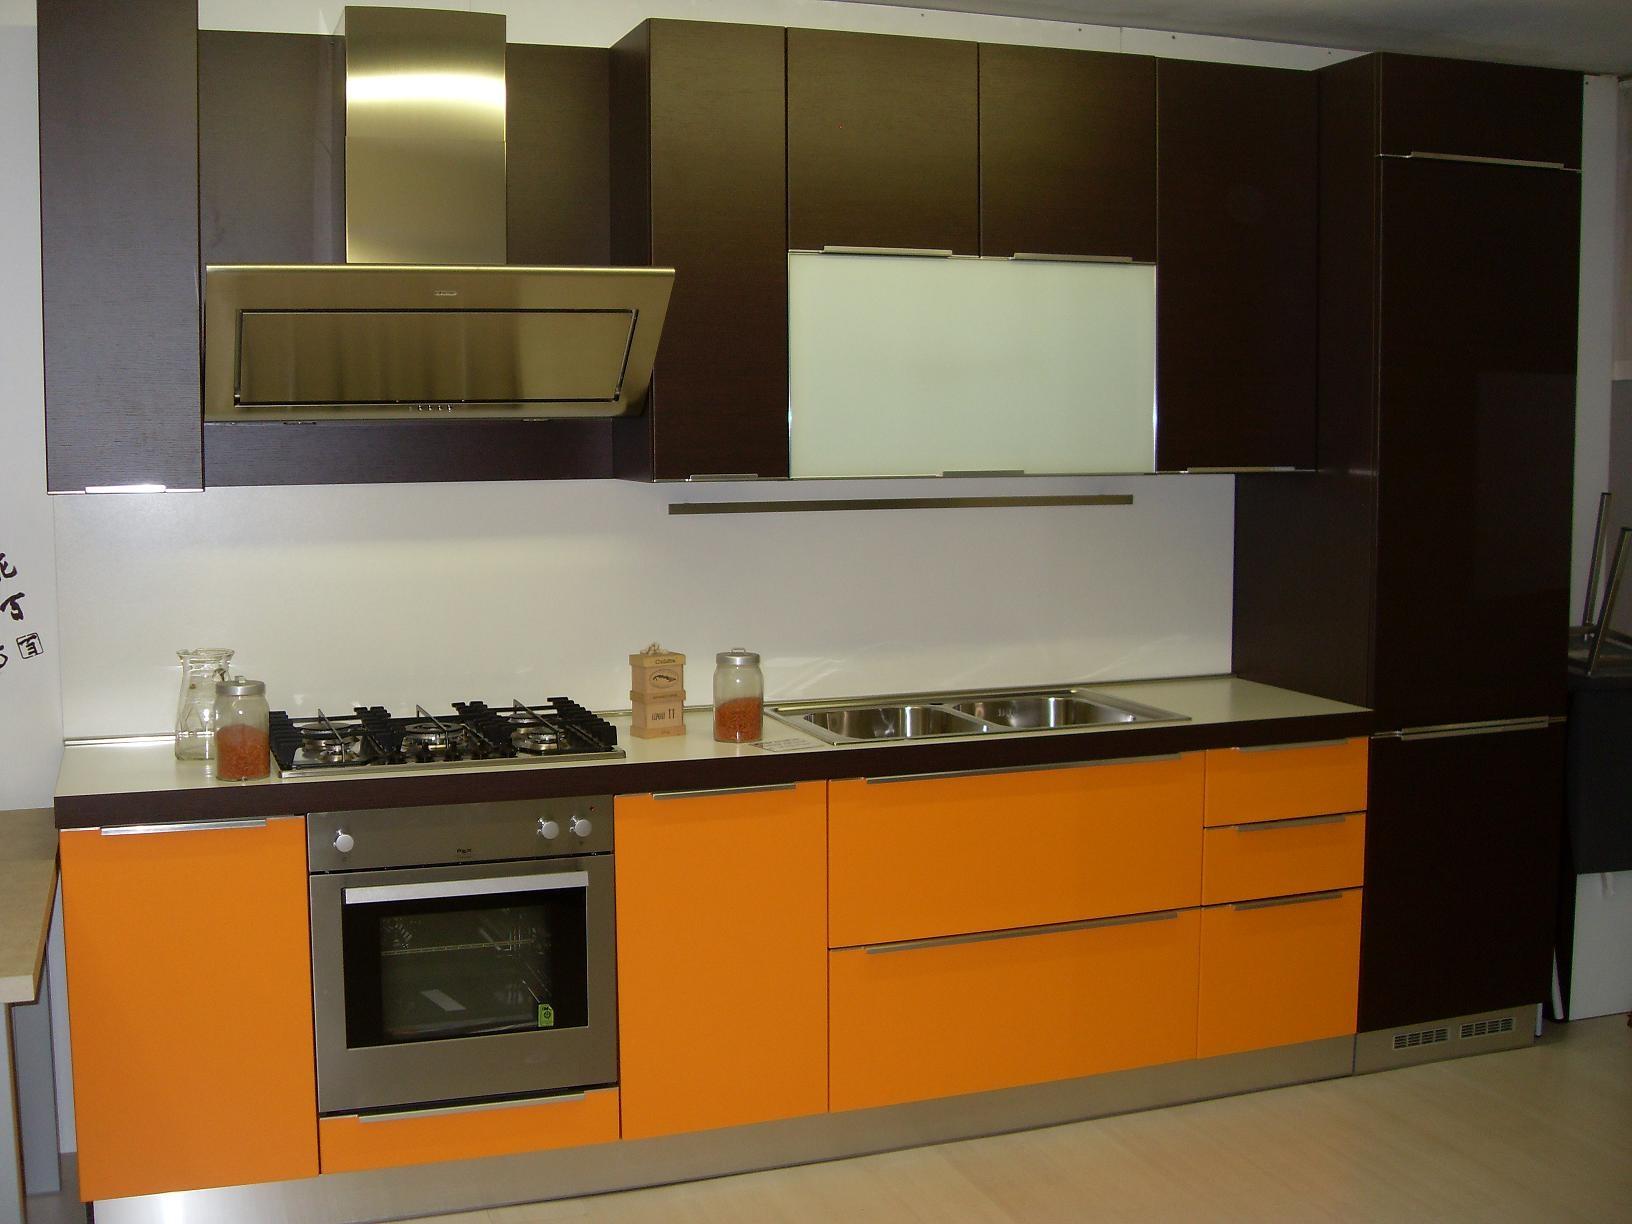 Cucina Arredo3 Diva Moderna Laminato Opaco Arancio - Cucine a prezzi scontati